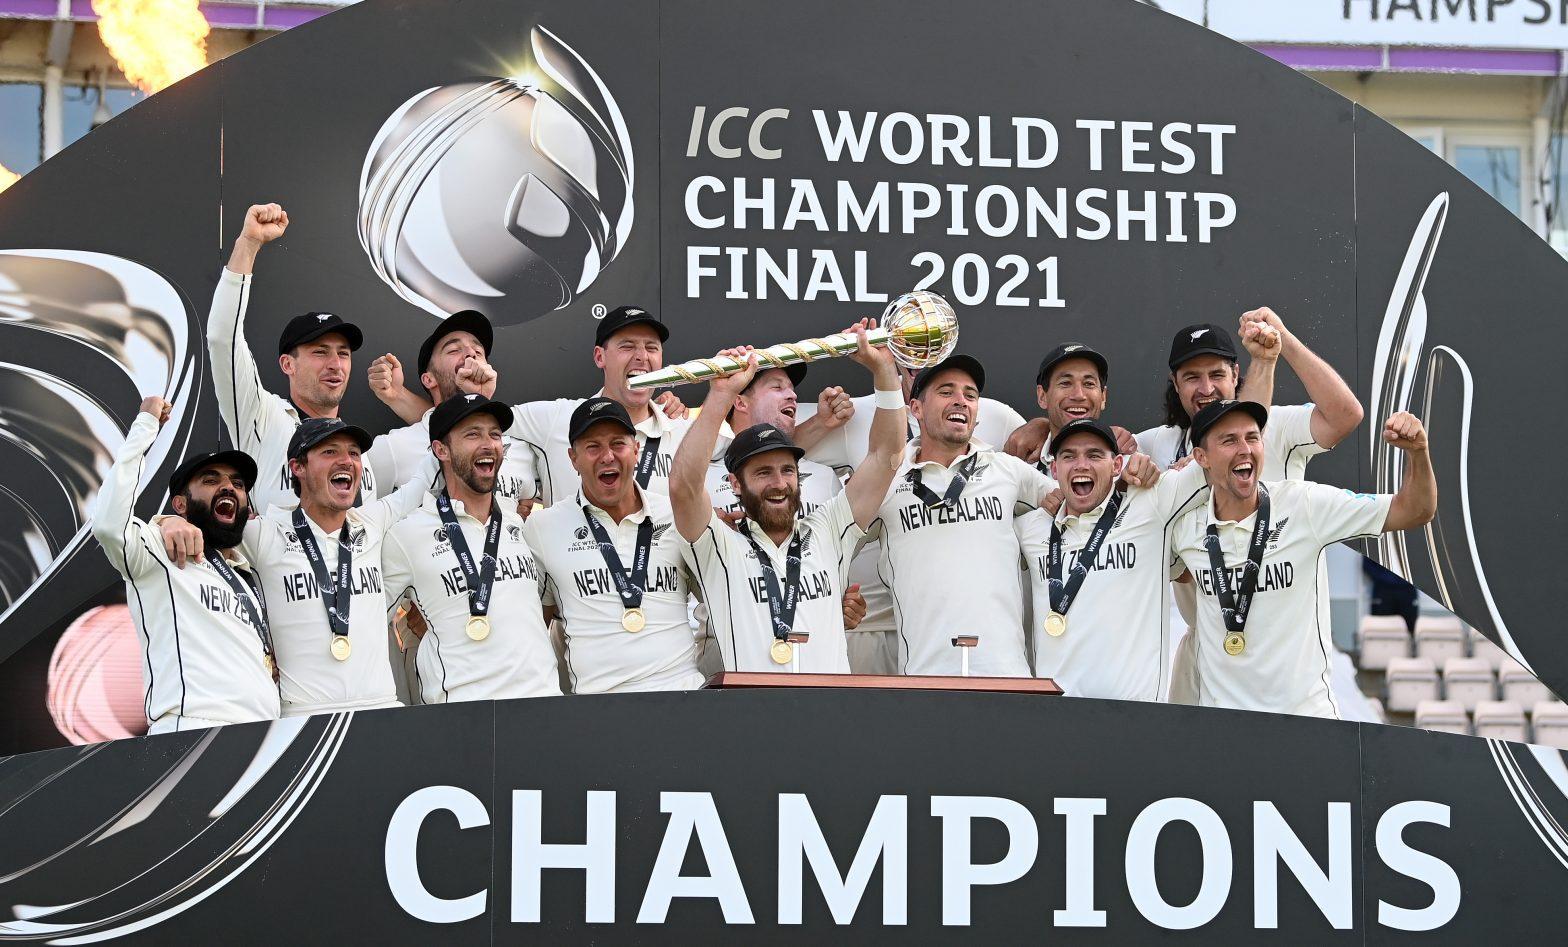 New Zealand crowned first ICC World Test Championship I न्यूझीलंड प्रथम आयसीसी विश्व कसोटी स्पर्धेचा विजेता_40.1